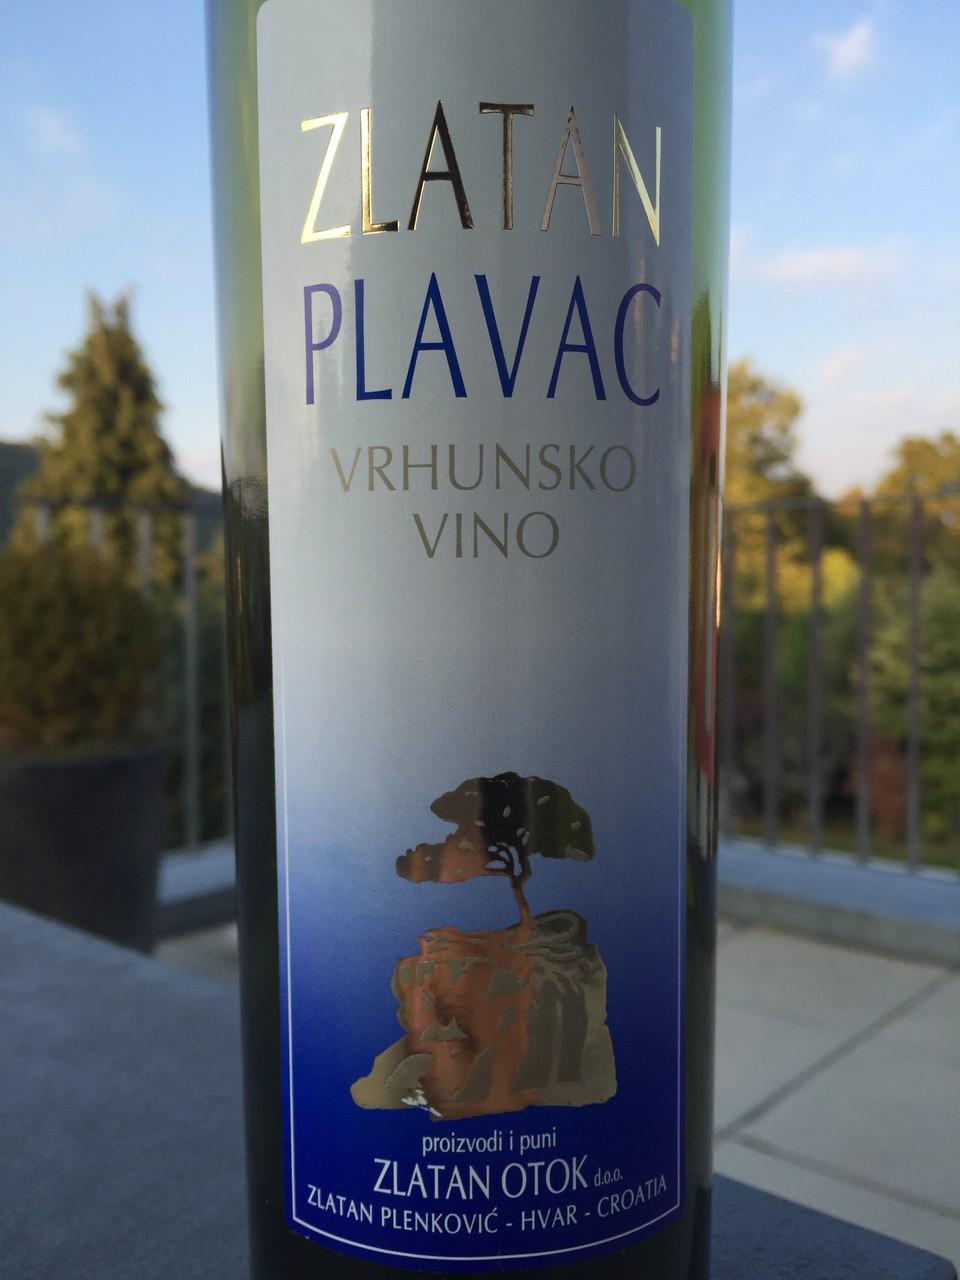 Zlatan Plavac, Zlatan Otok, 2010